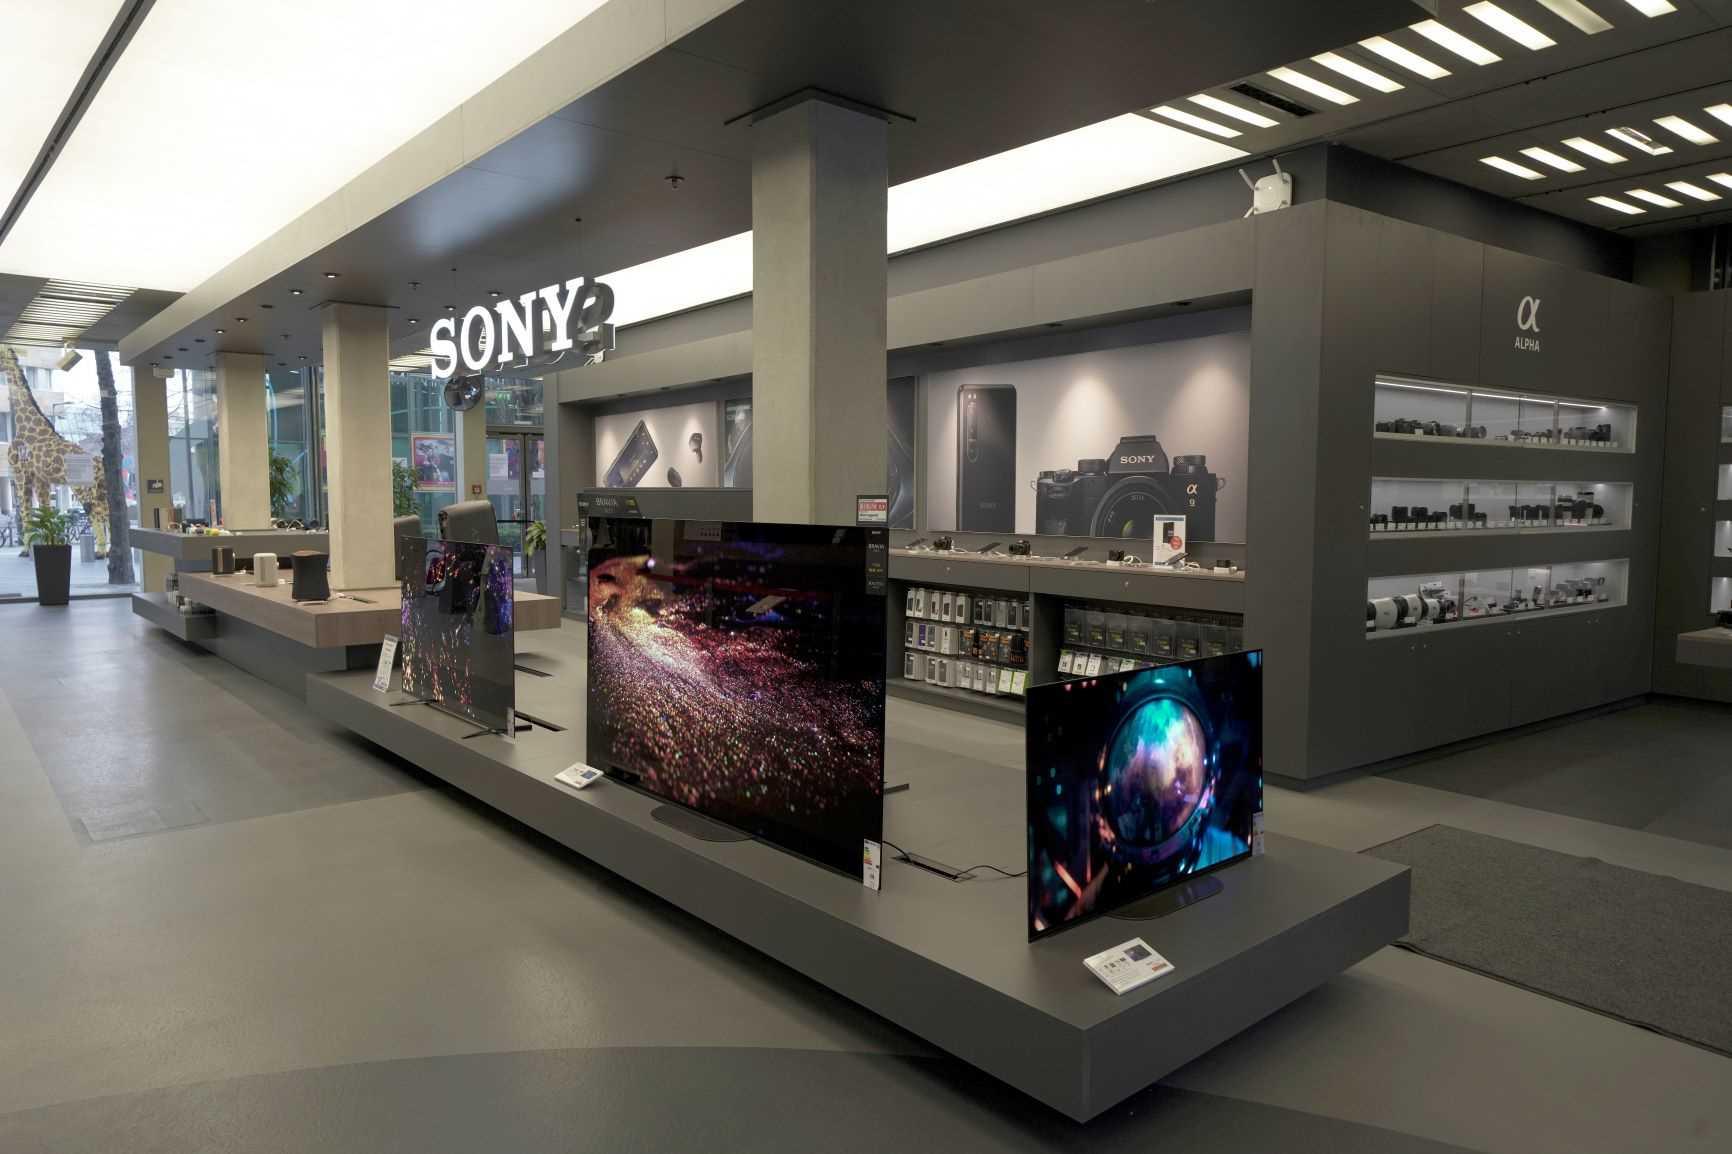 Sony Store im Sony Center am Potsdamer Platz